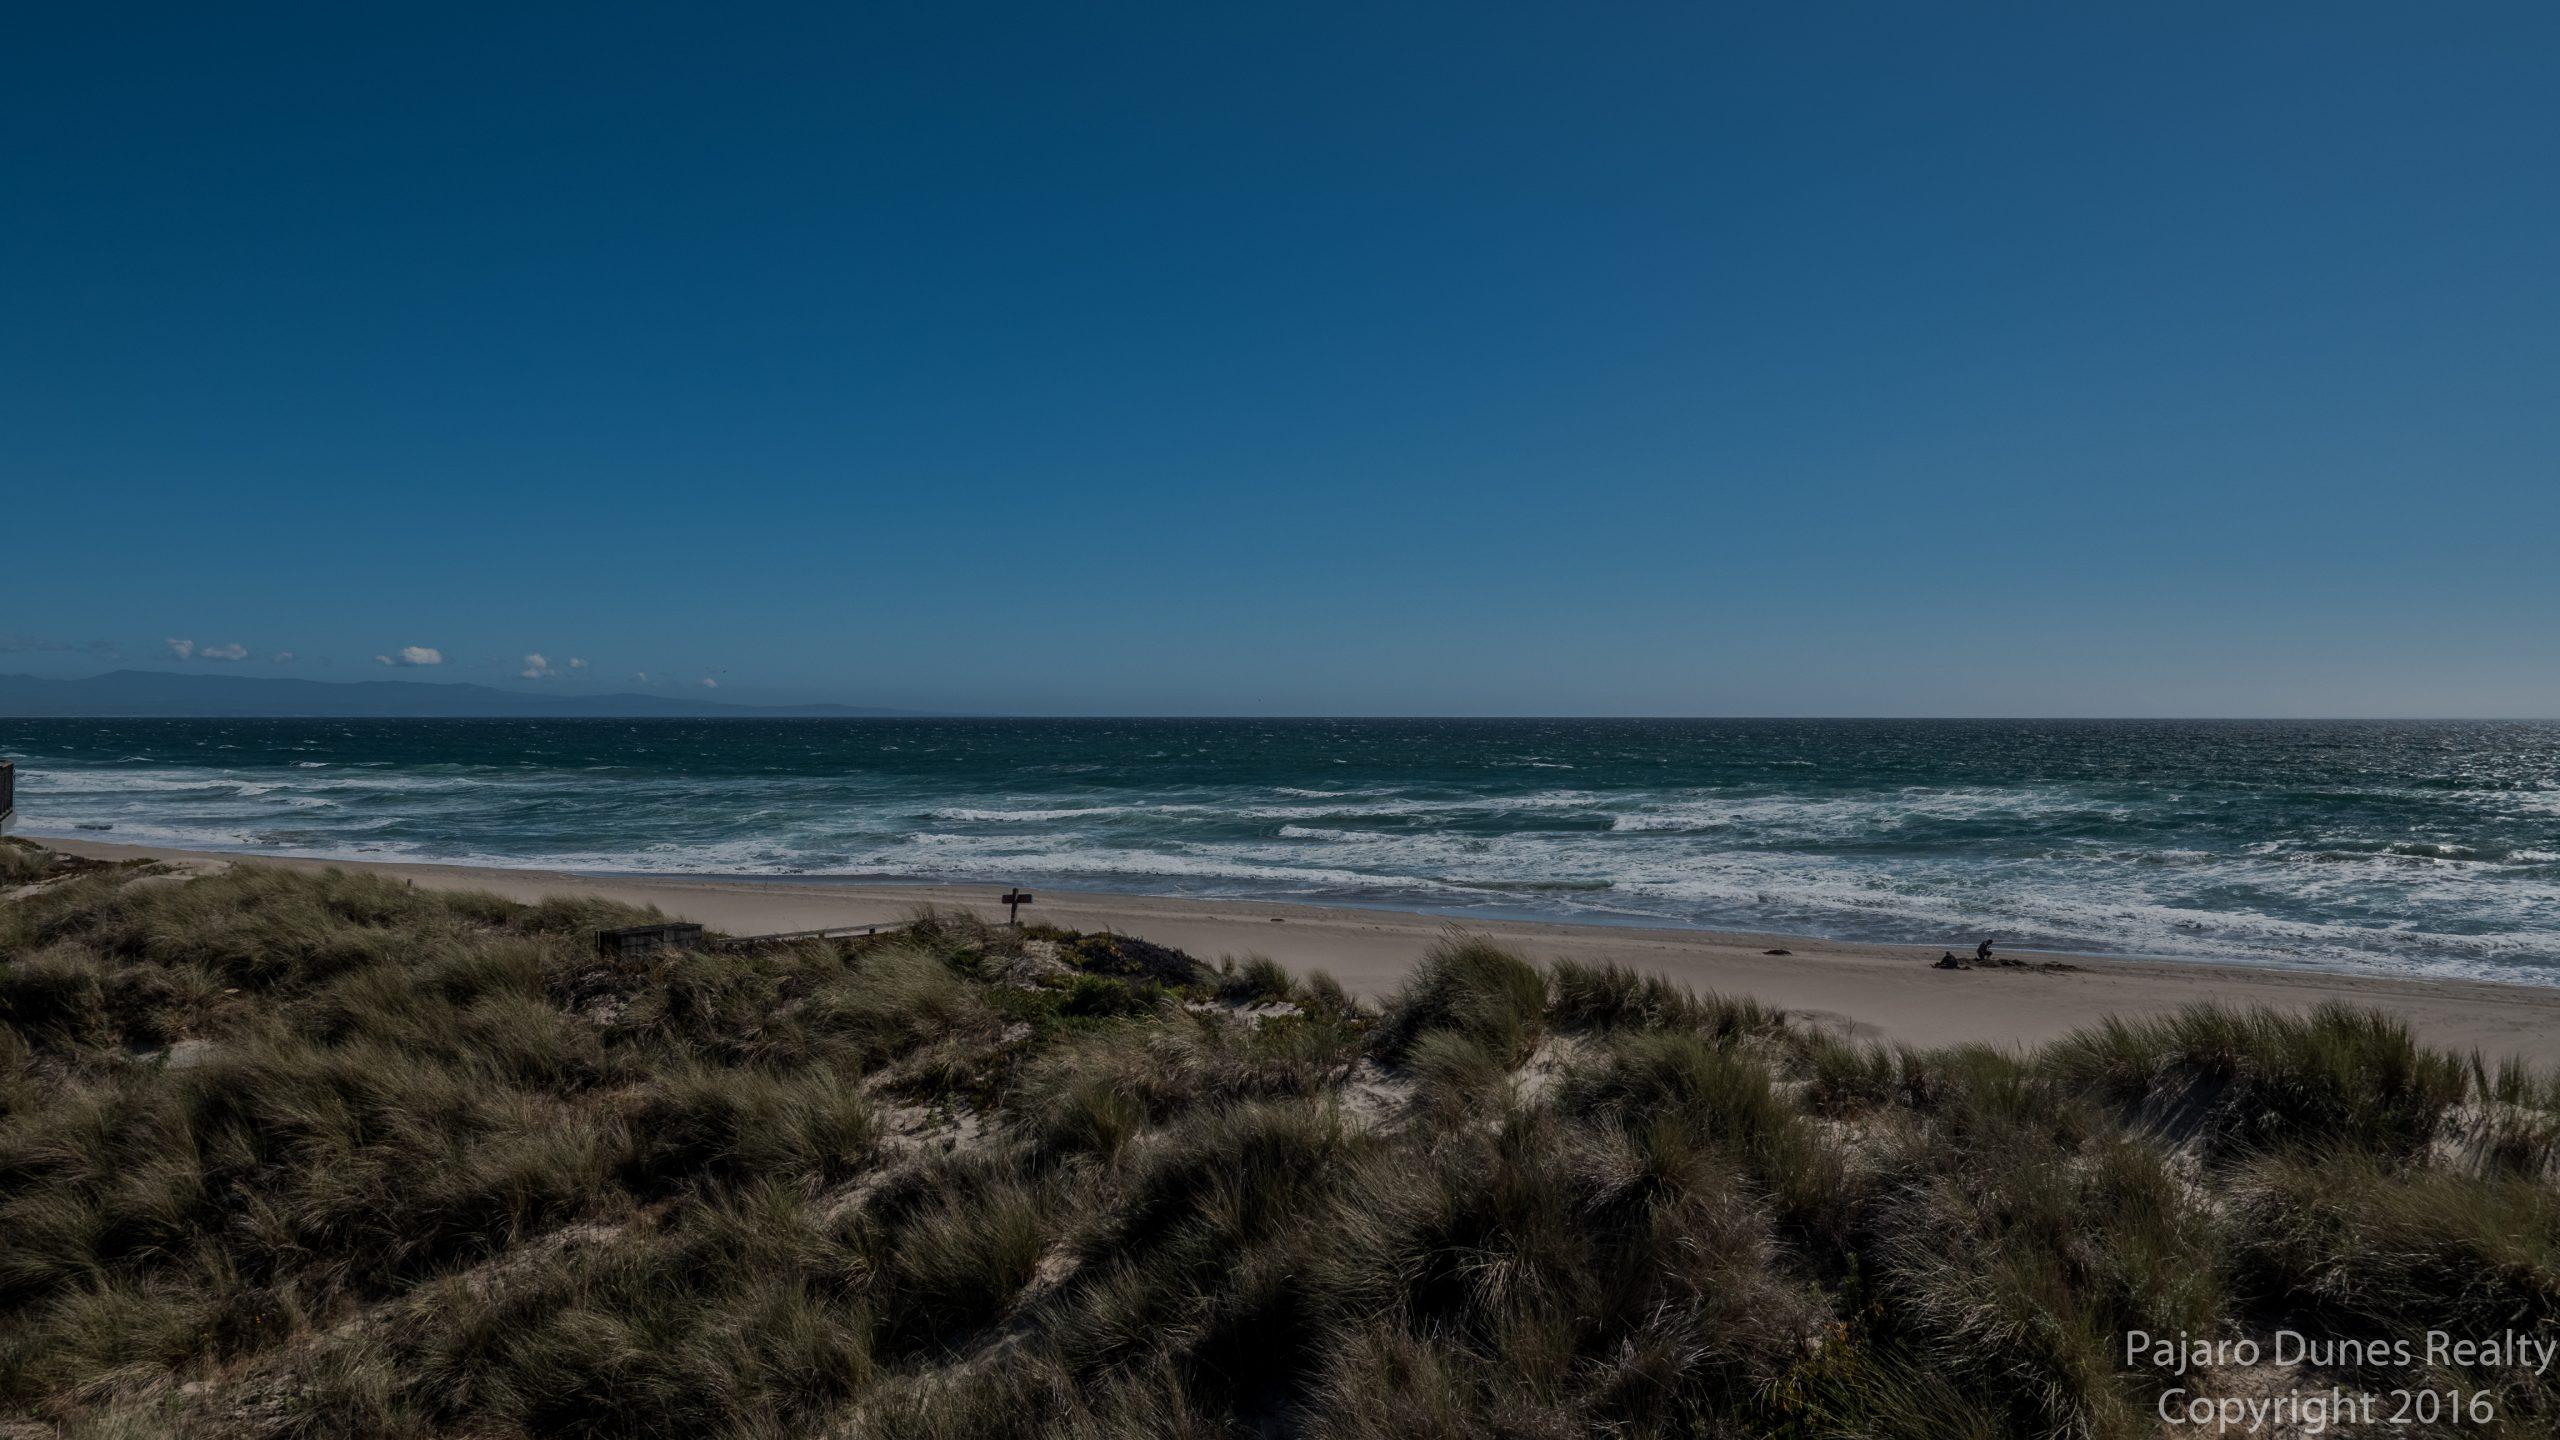 Pajaro Dunes Cypress 7 Image 3